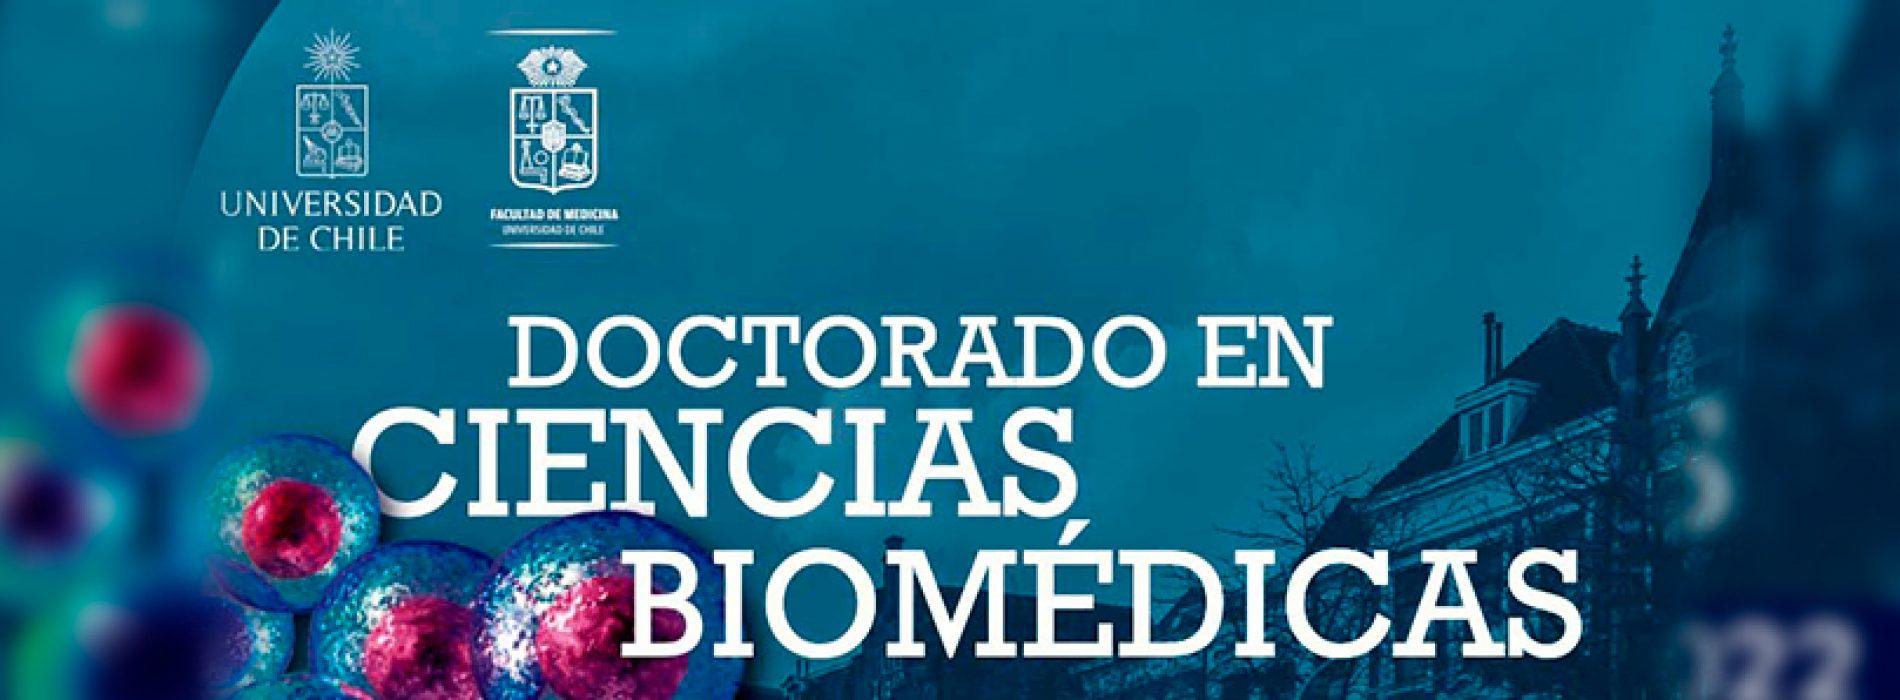 Doctorado en Ciencias Biomédicas – Admisión 2022 – Universidad de Chile